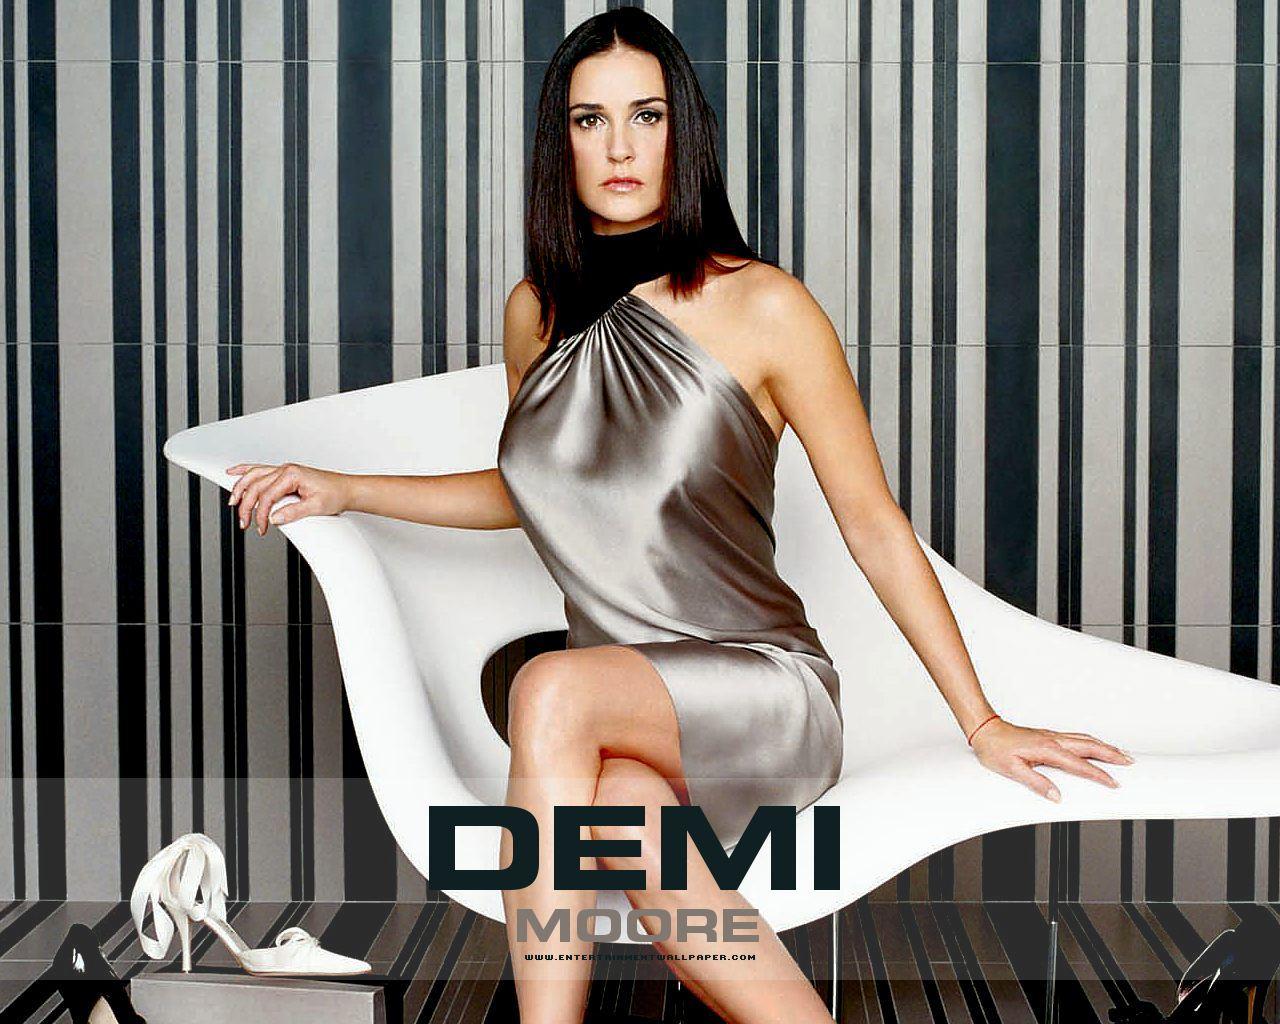 Demi moore teniendo sexo, los mejores vídeos porno